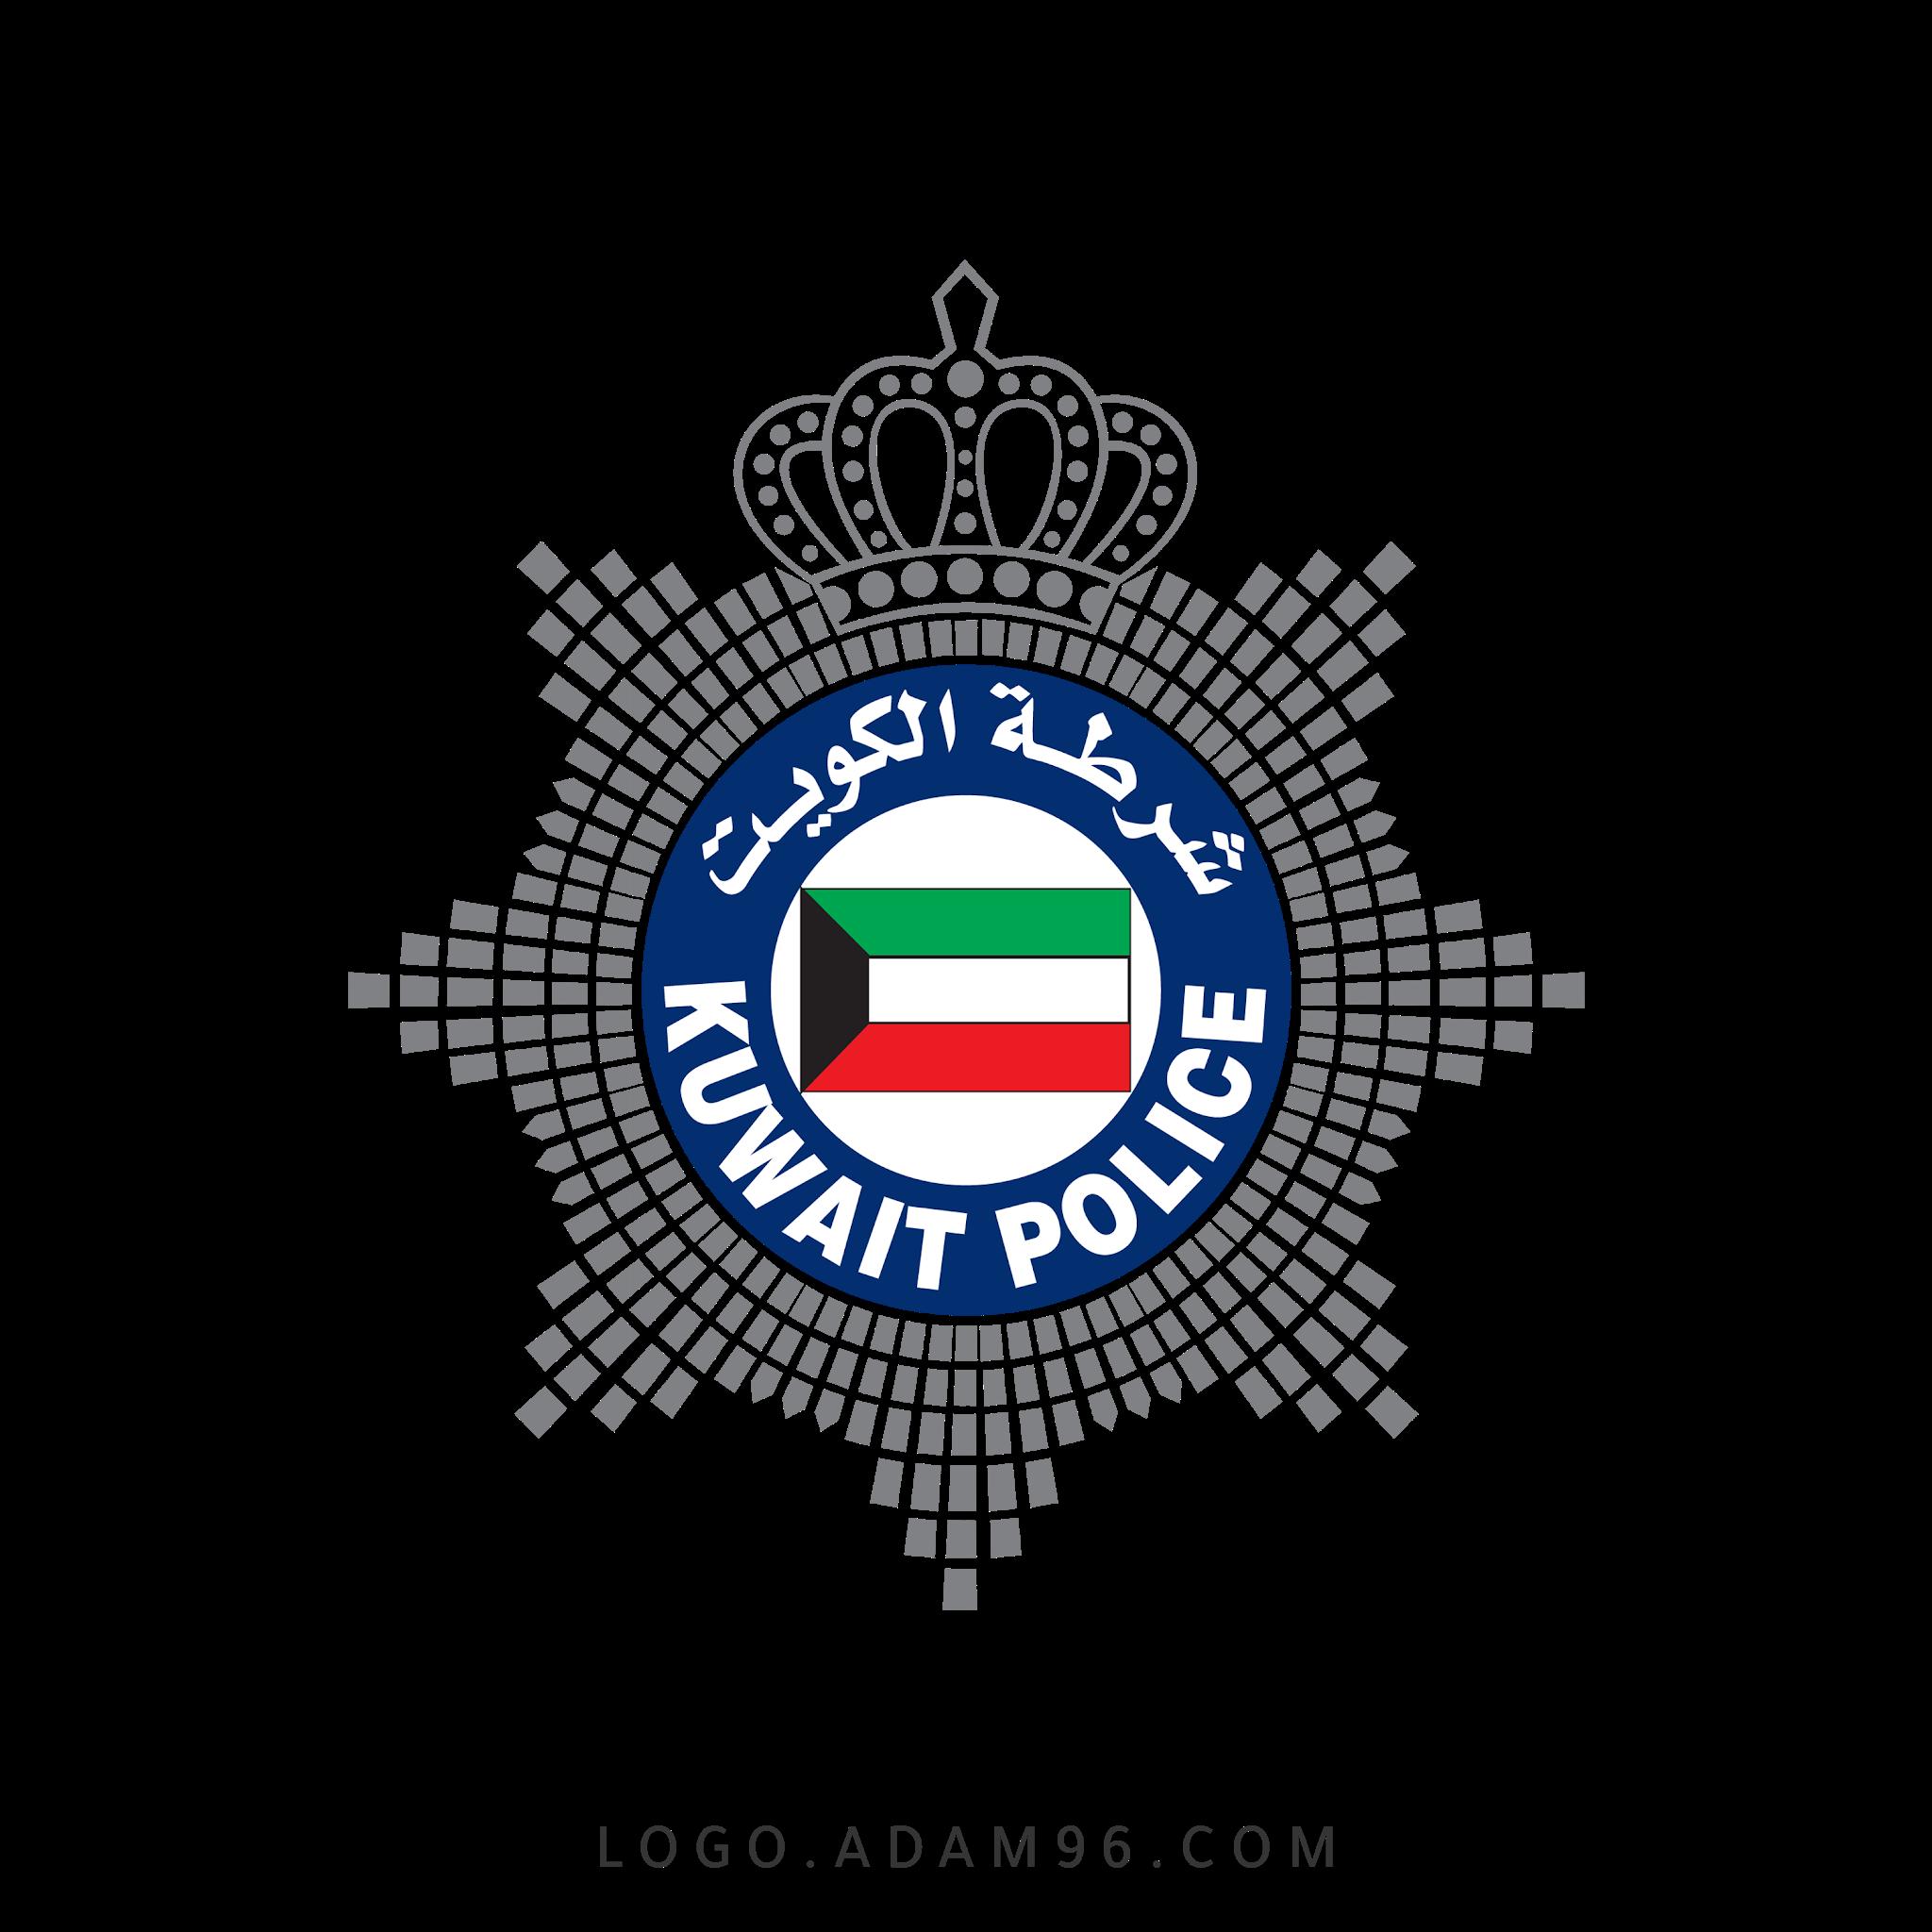 تحميل لوجو الرسمي شرطة الكويت عالي جودة بصيغة PNG - لوجو الكويت